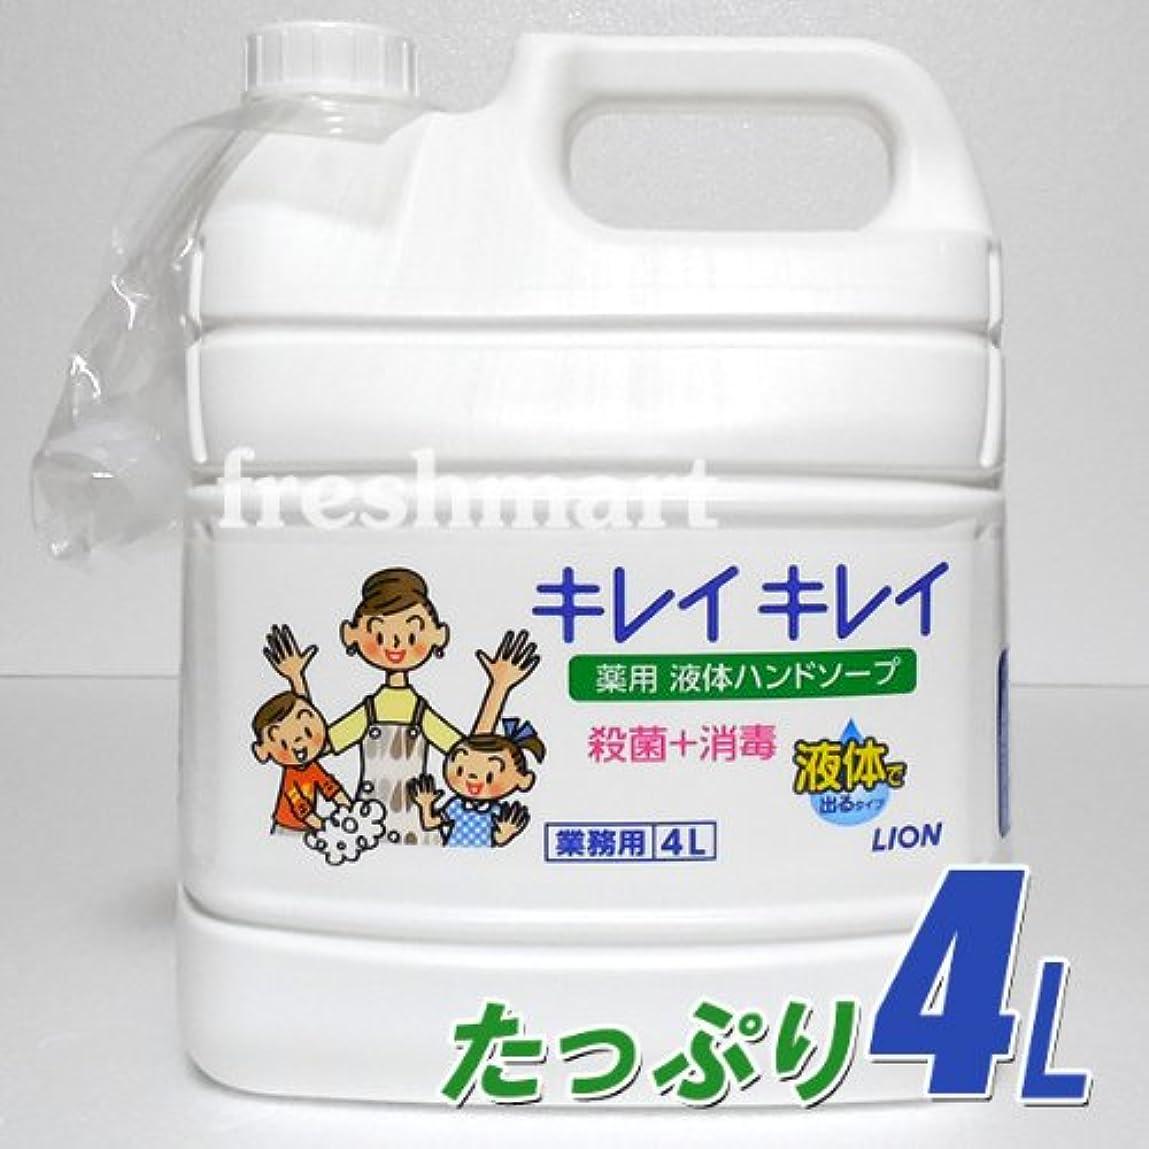 哲学者調査堤防☆100%植物性洗浄成分使用☆ ライオン キレイキレイ 薬用液体ハンドソープ つめかえ用4L 業務用 大容量 ボトル